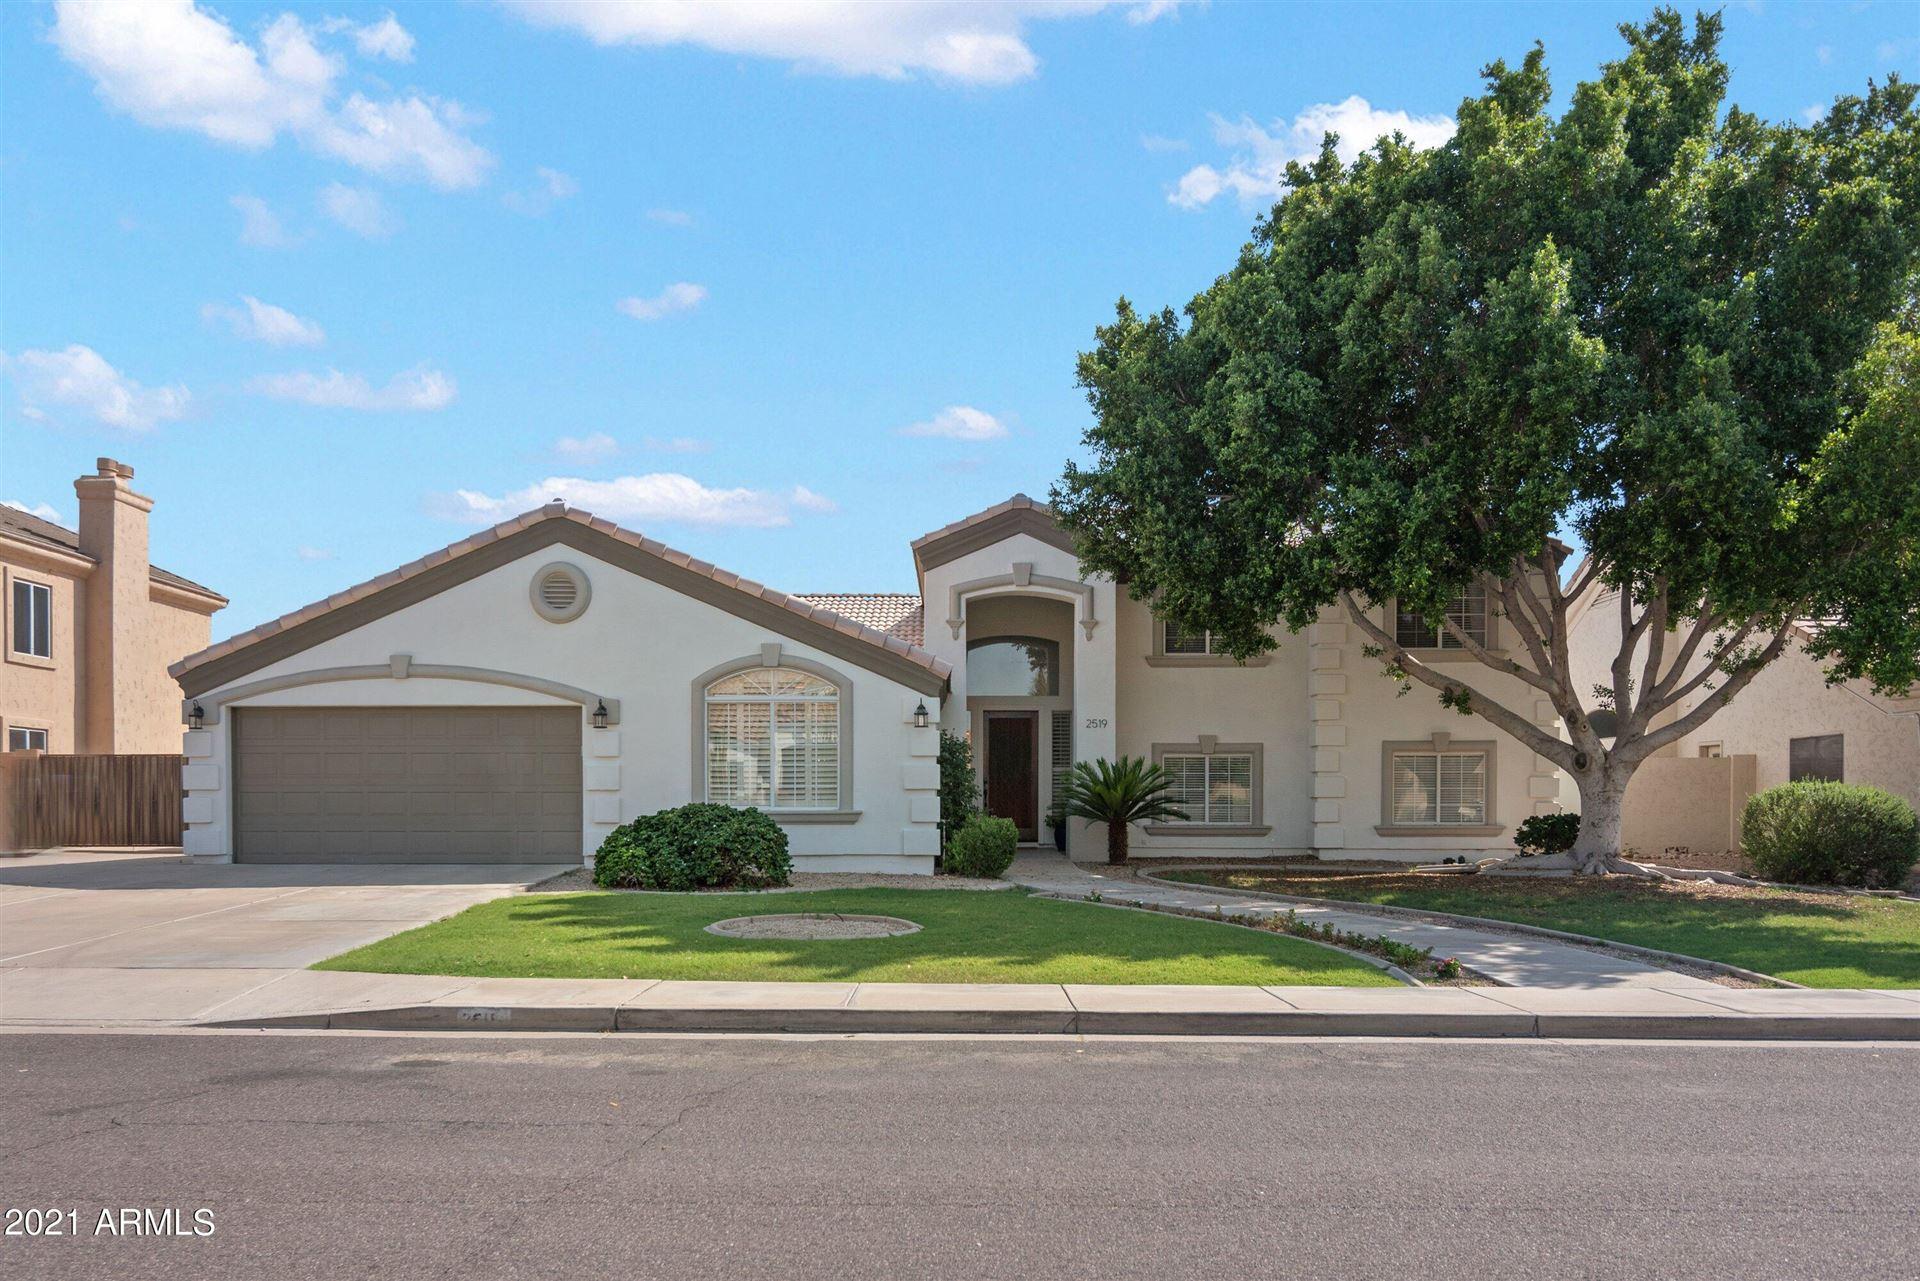 2519 E MENLO Street E, Mesa, AZ 85213 - MLS#: 6282670